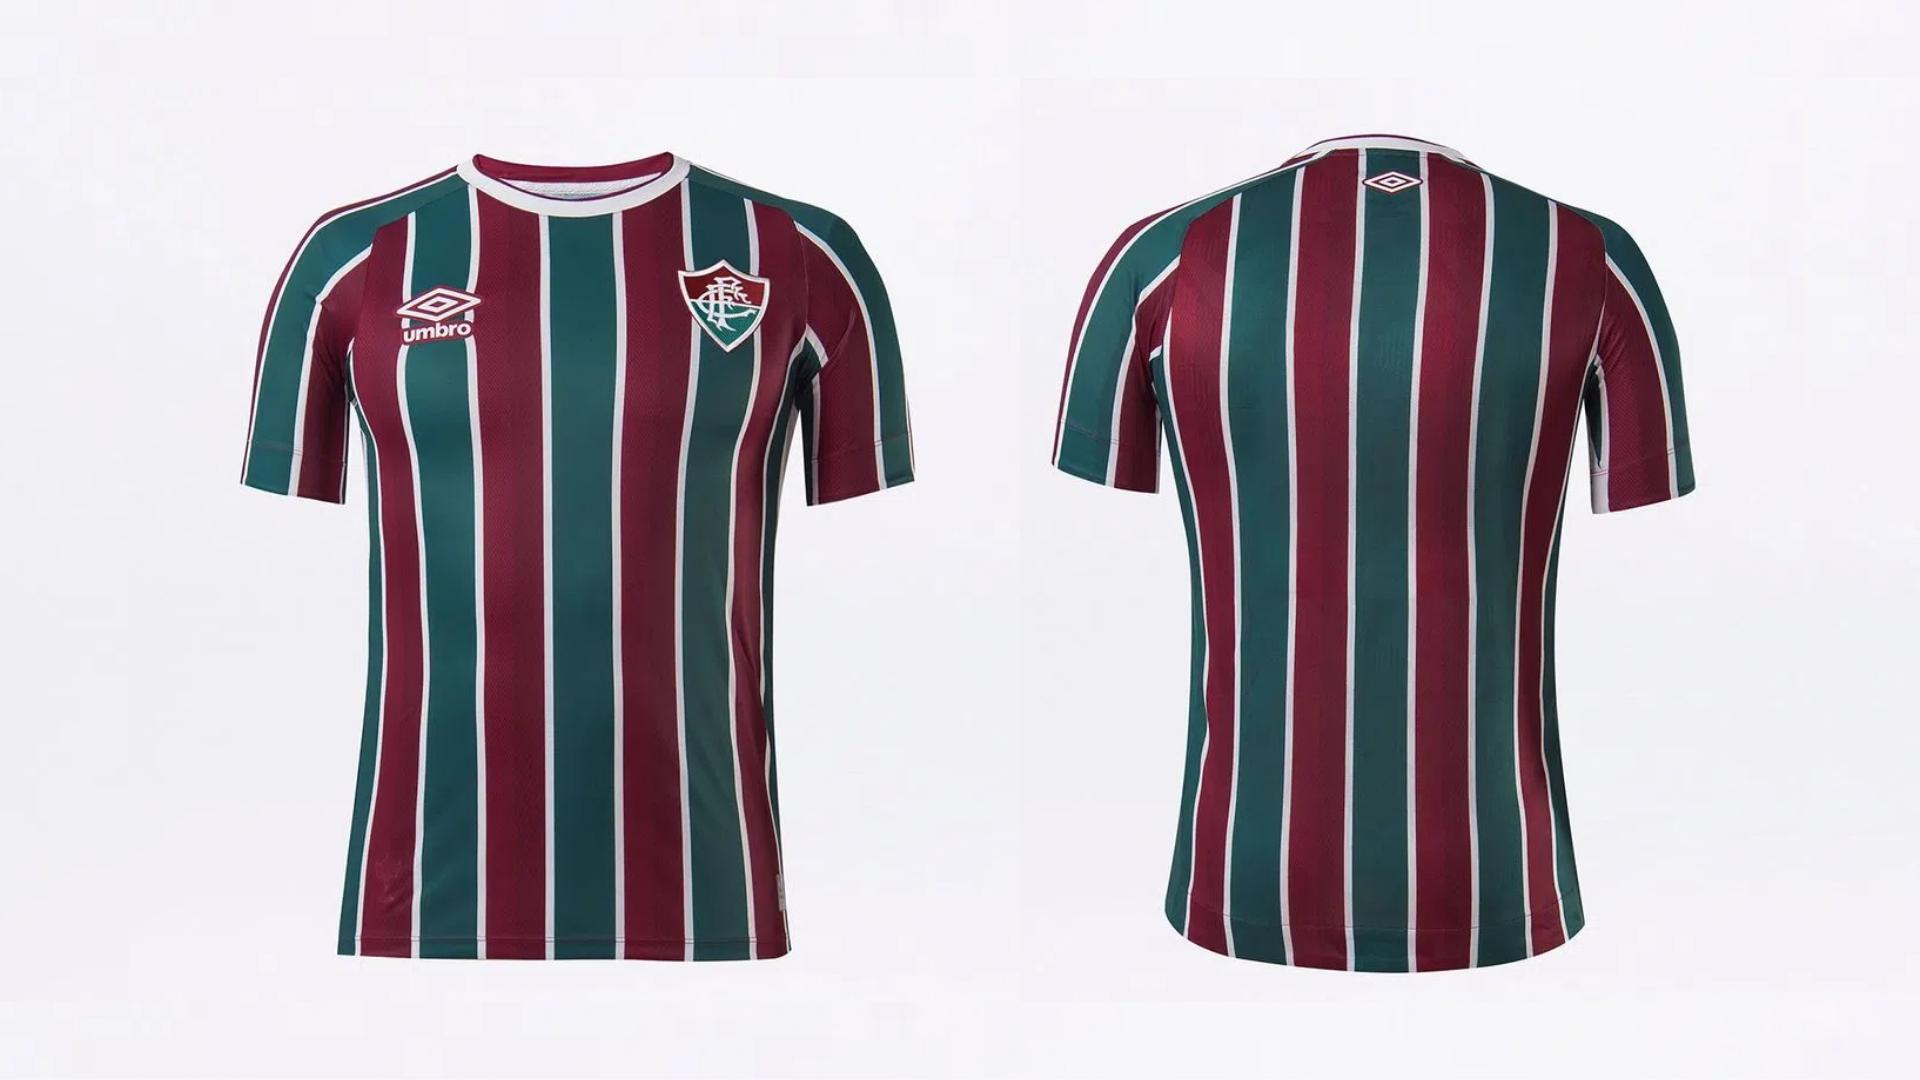 Camisa do Fluminense 2021 (Imagem: Divulgação/Umbro)